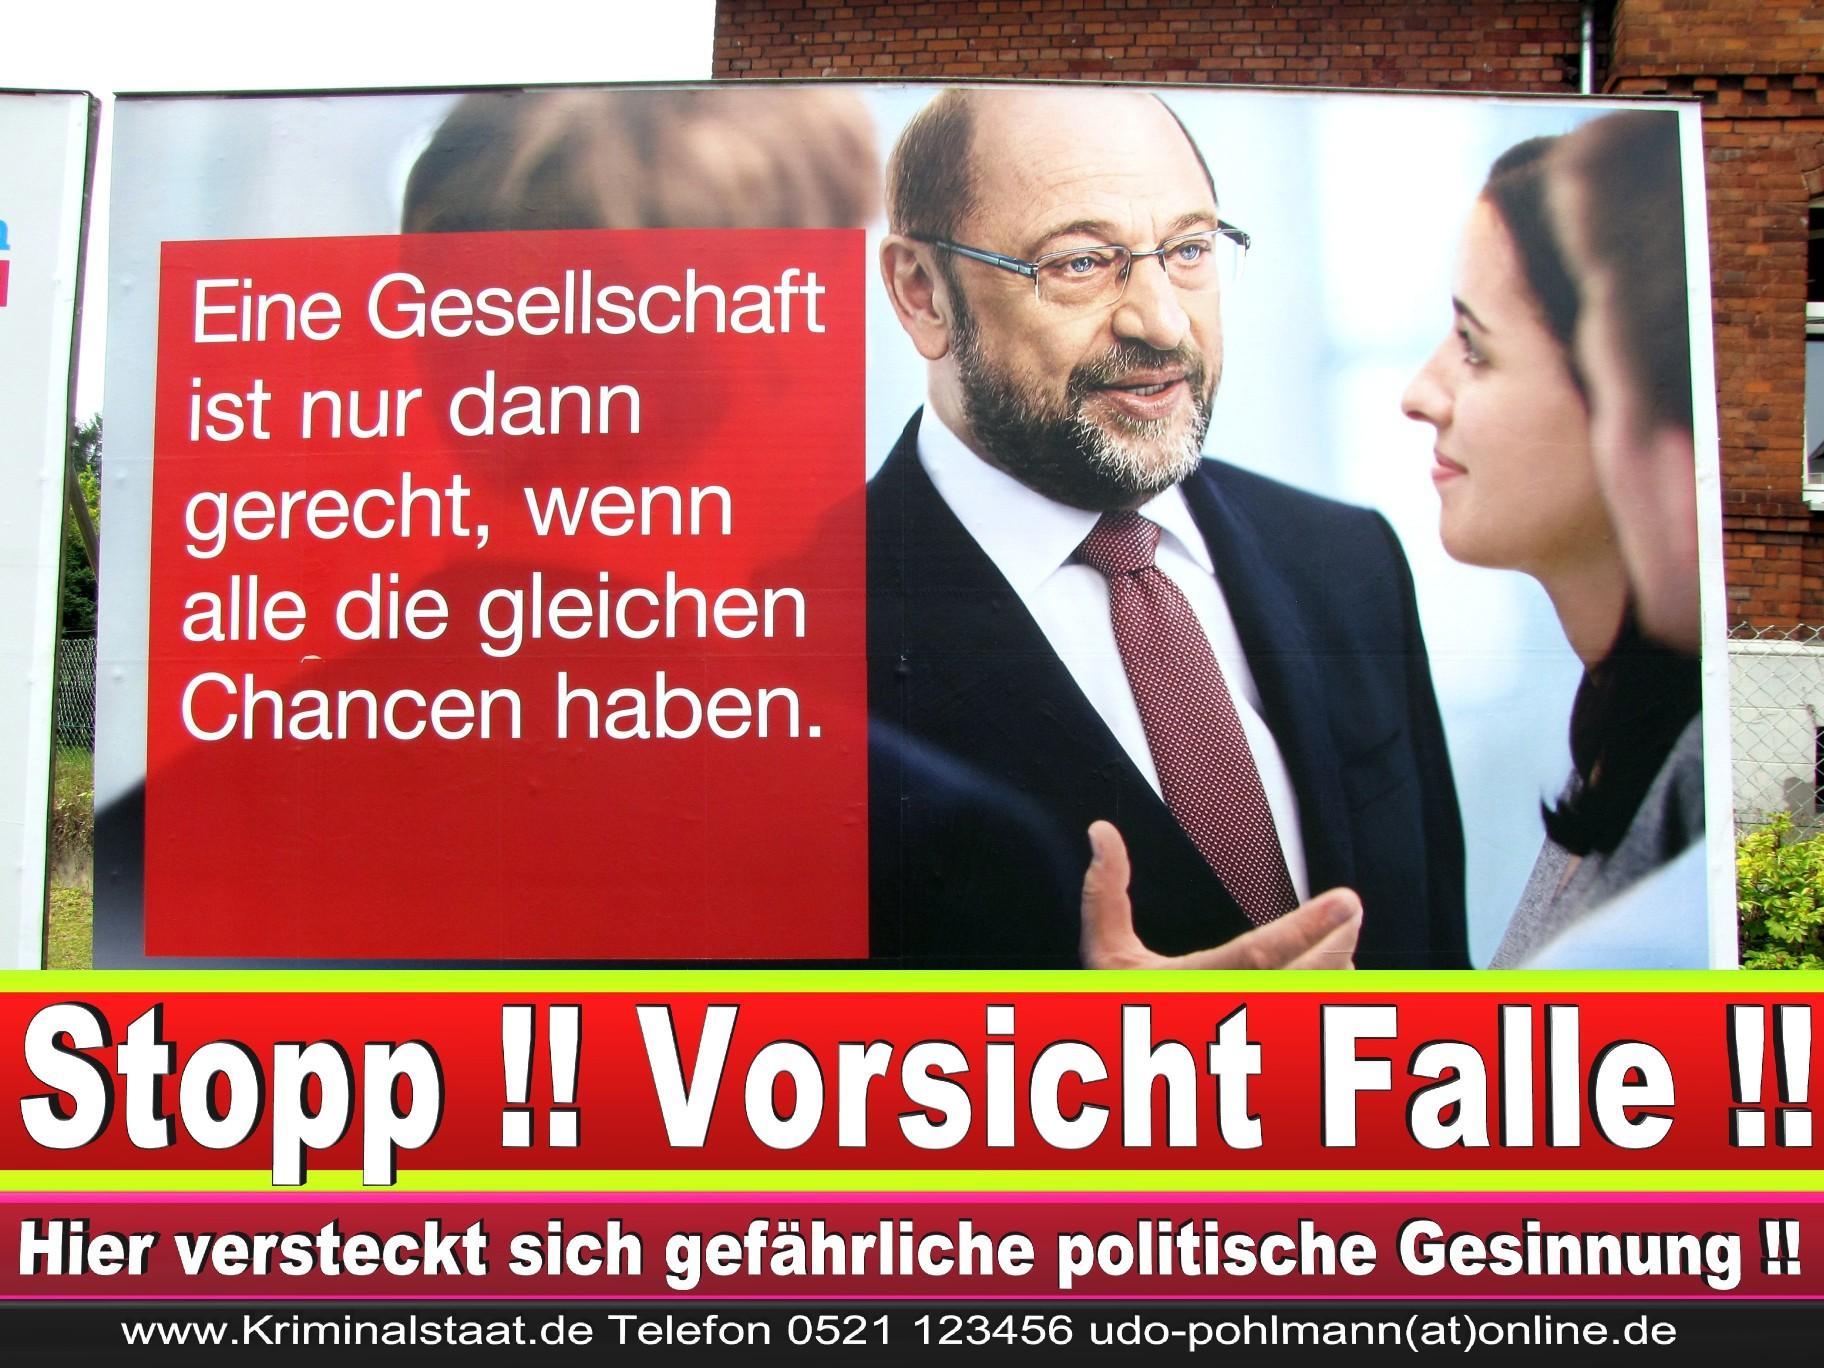 Wahlwerbung Wahlplakate Landtagswahl 2019 Europawahl CDU SPD FDP 2021 (88)